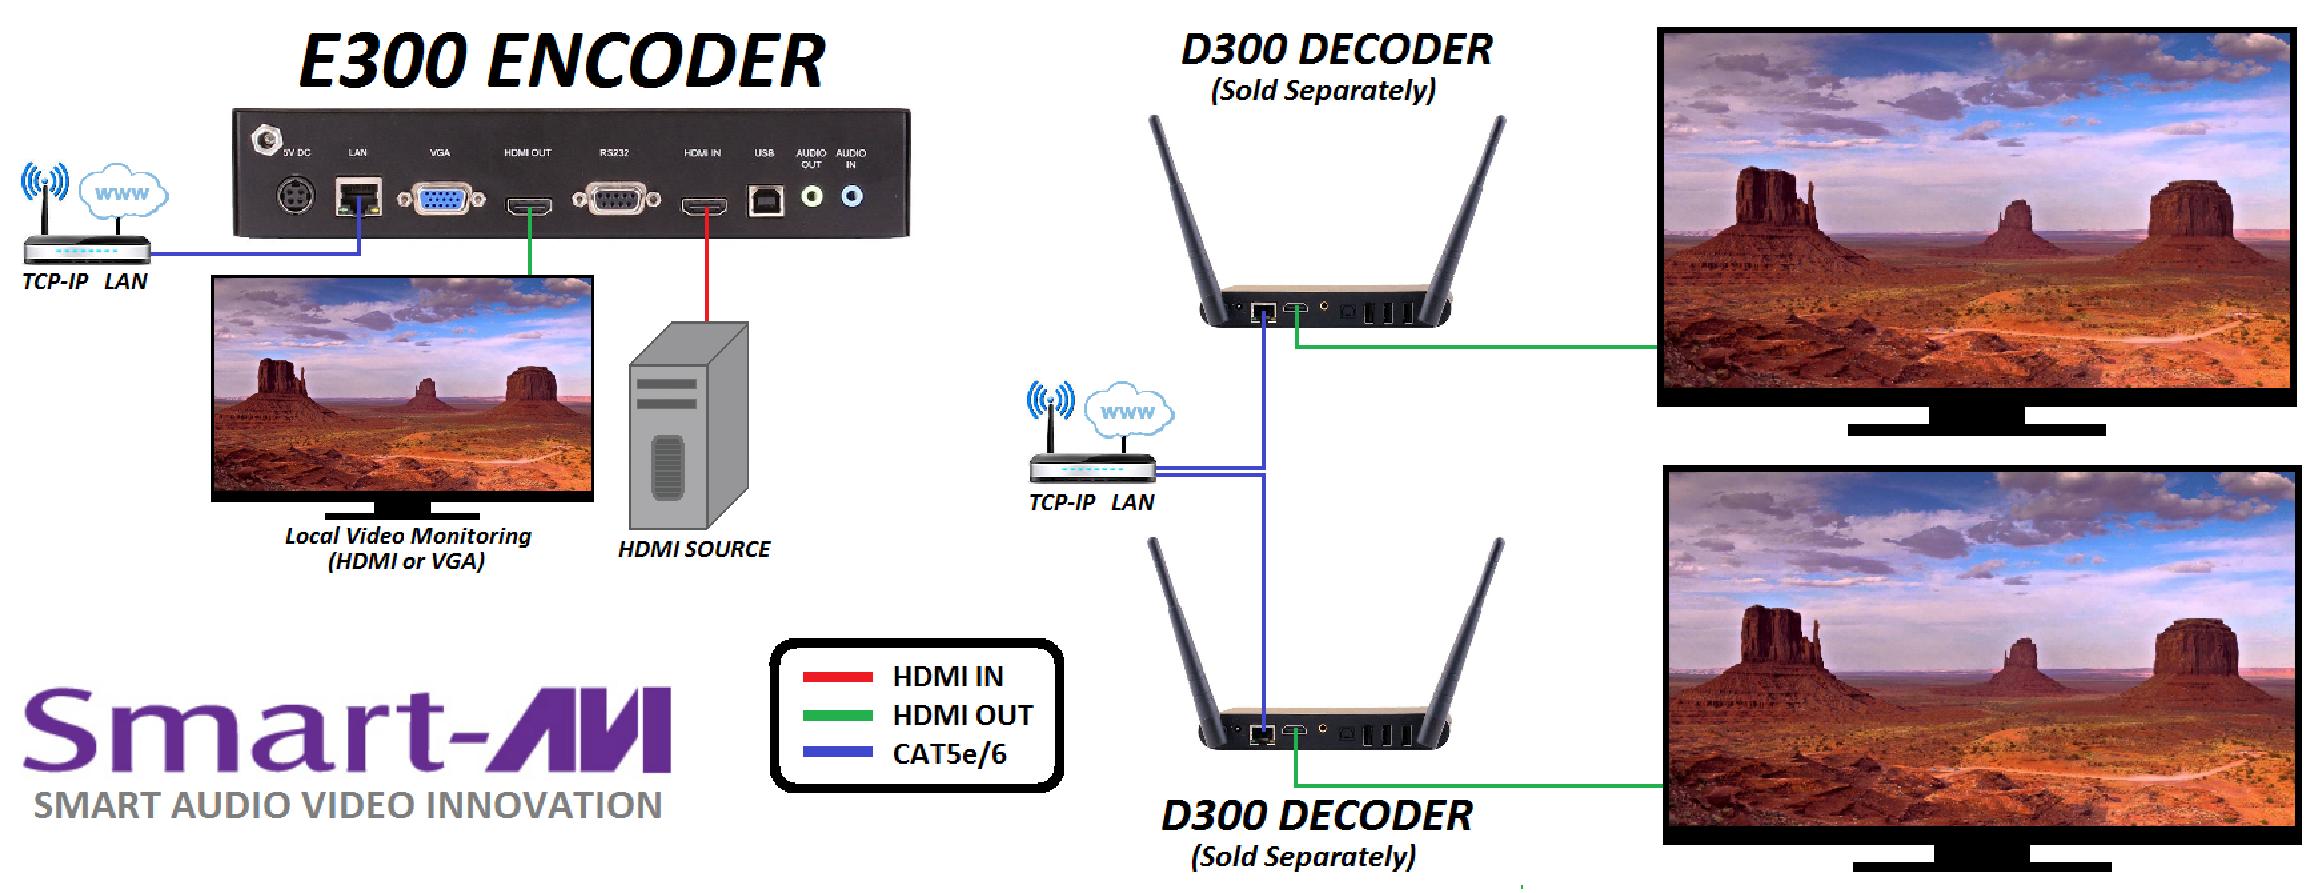 E300 diagram2